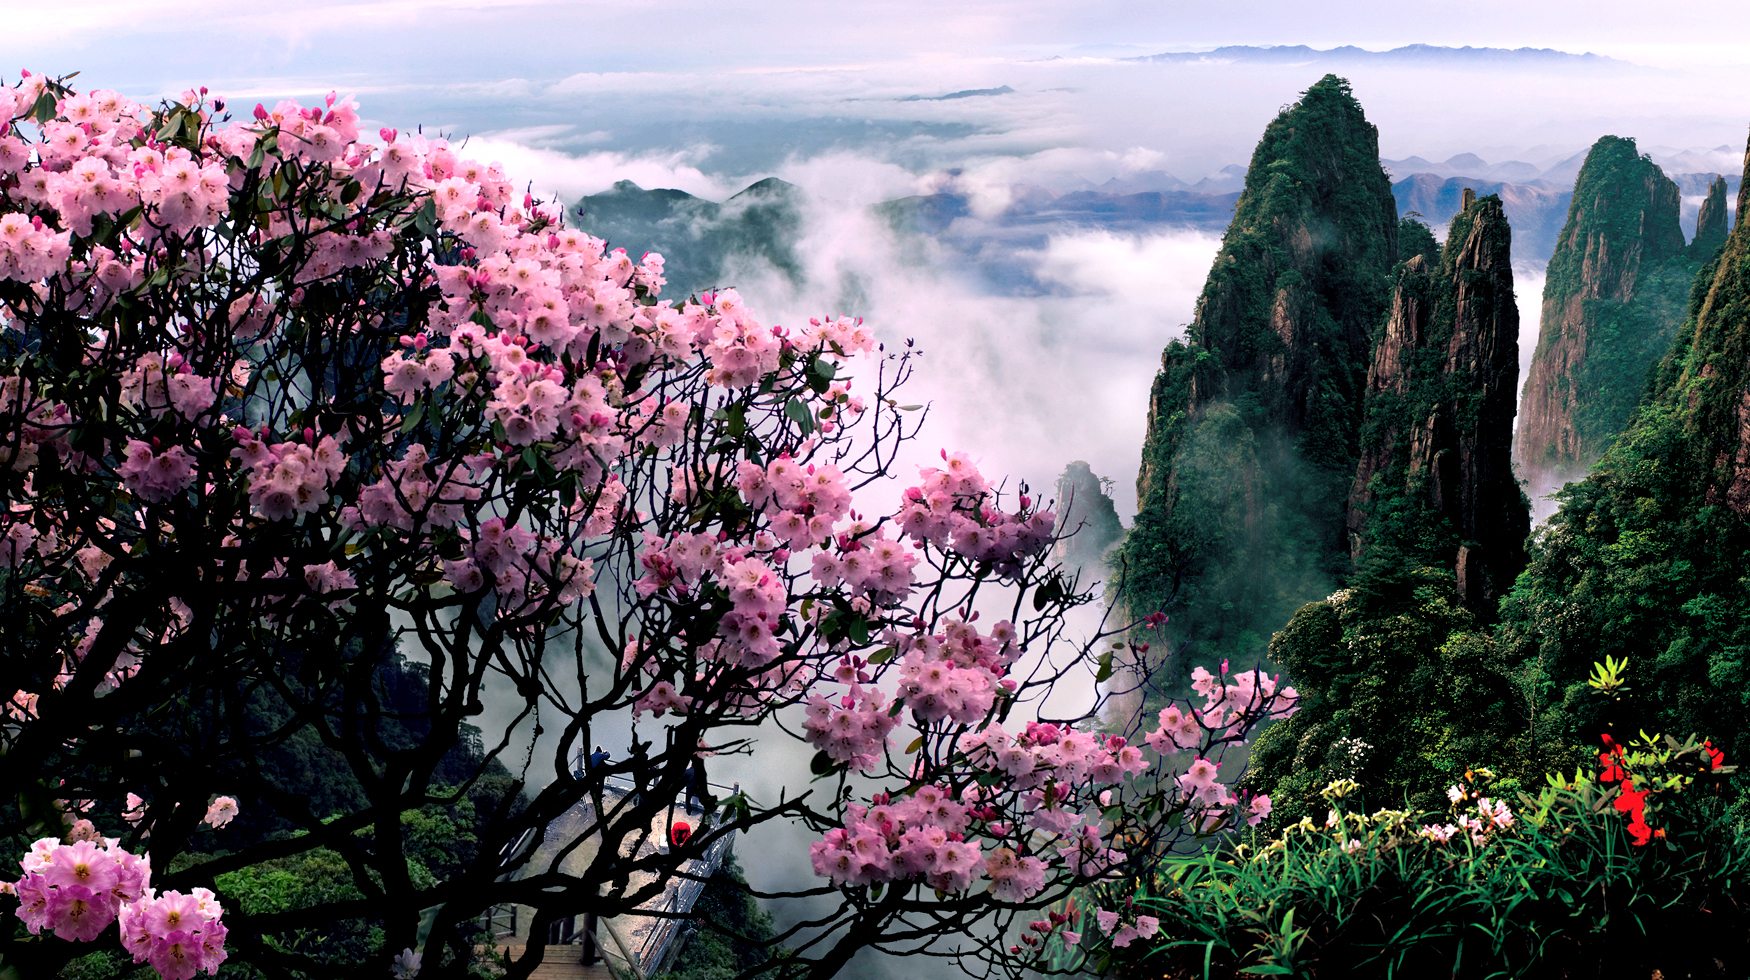 三清山风景名胜区展示了独特花岗岩石柱和山峰,栩栩如生的花岗岩造型